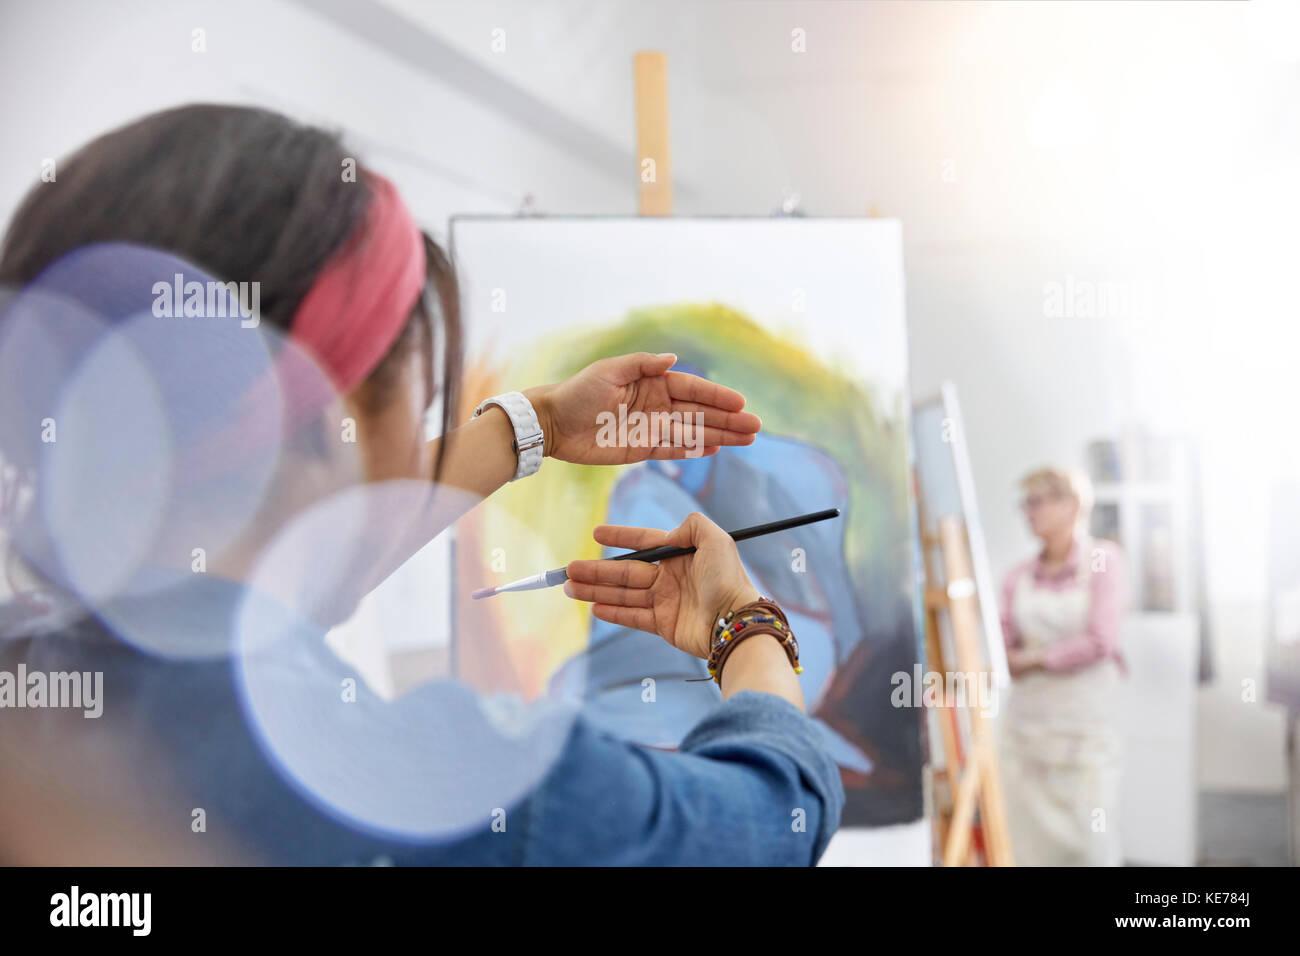 Künstlerin, Gestik, Framing Malerei auf staffelei in der Kunst ...